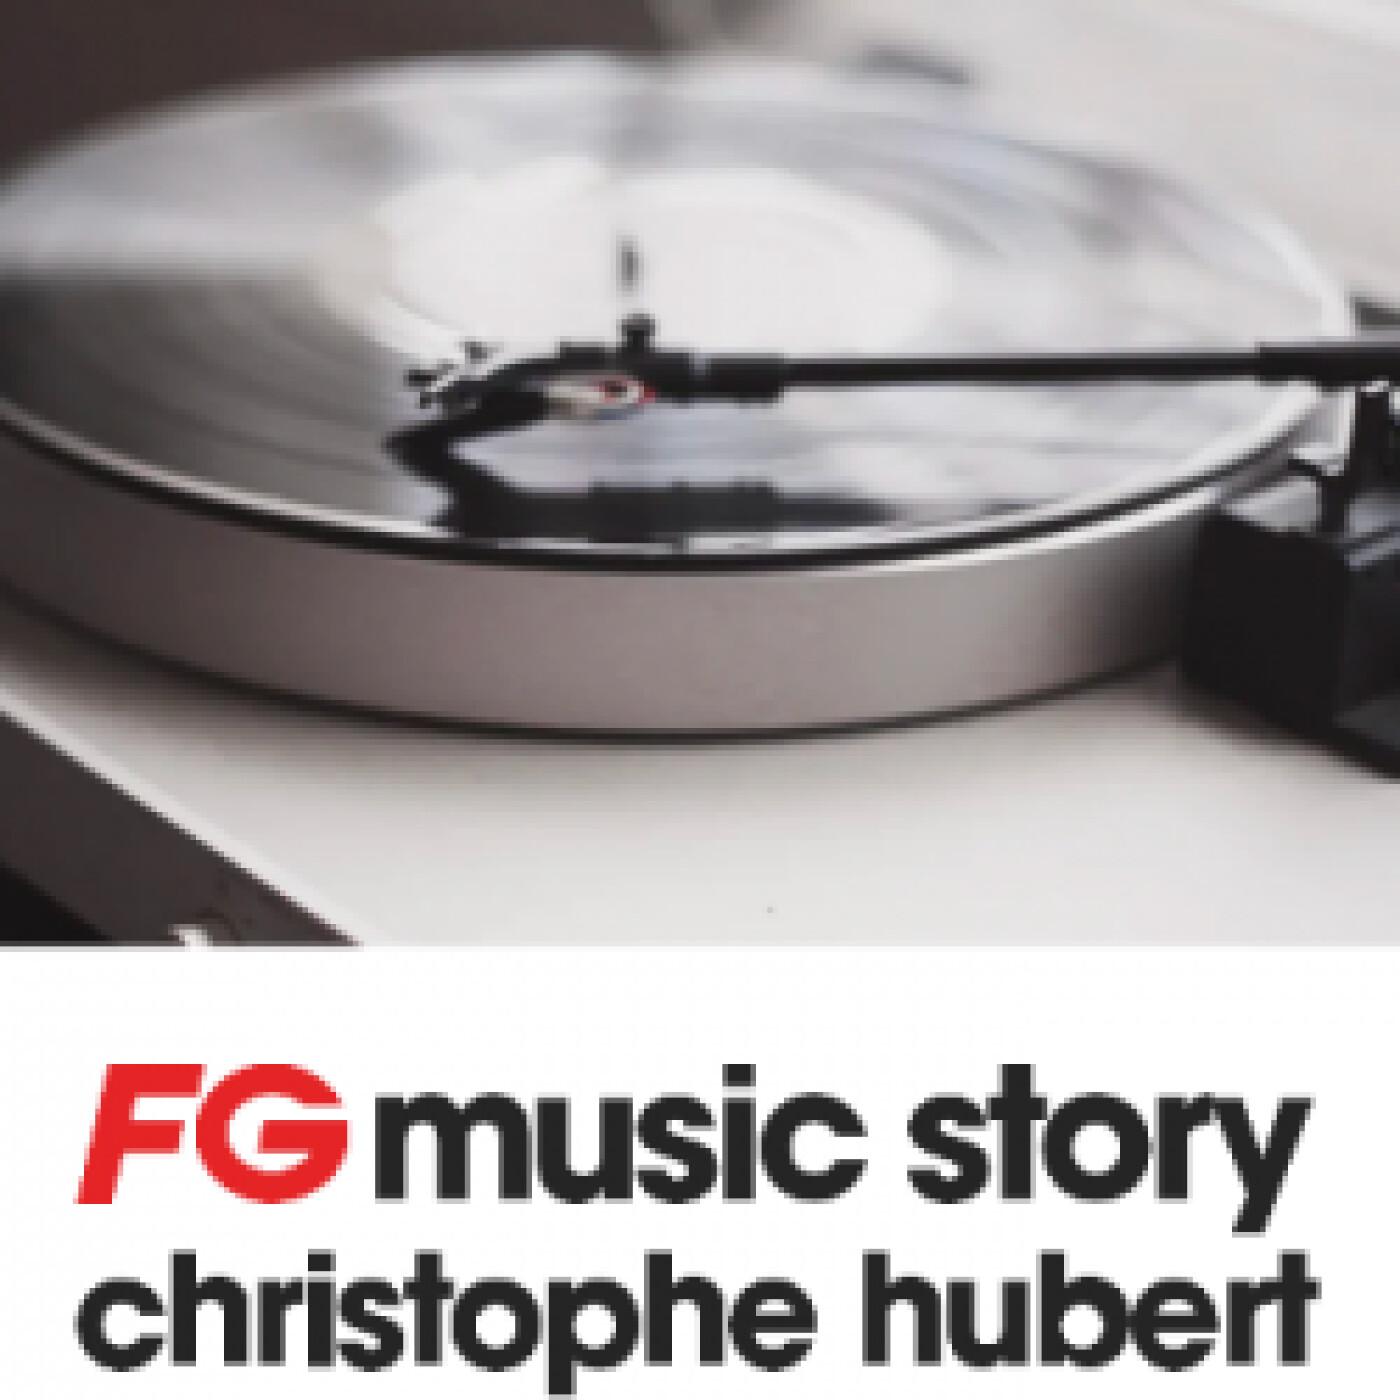 FG MUSIC STORY : A-TRAK